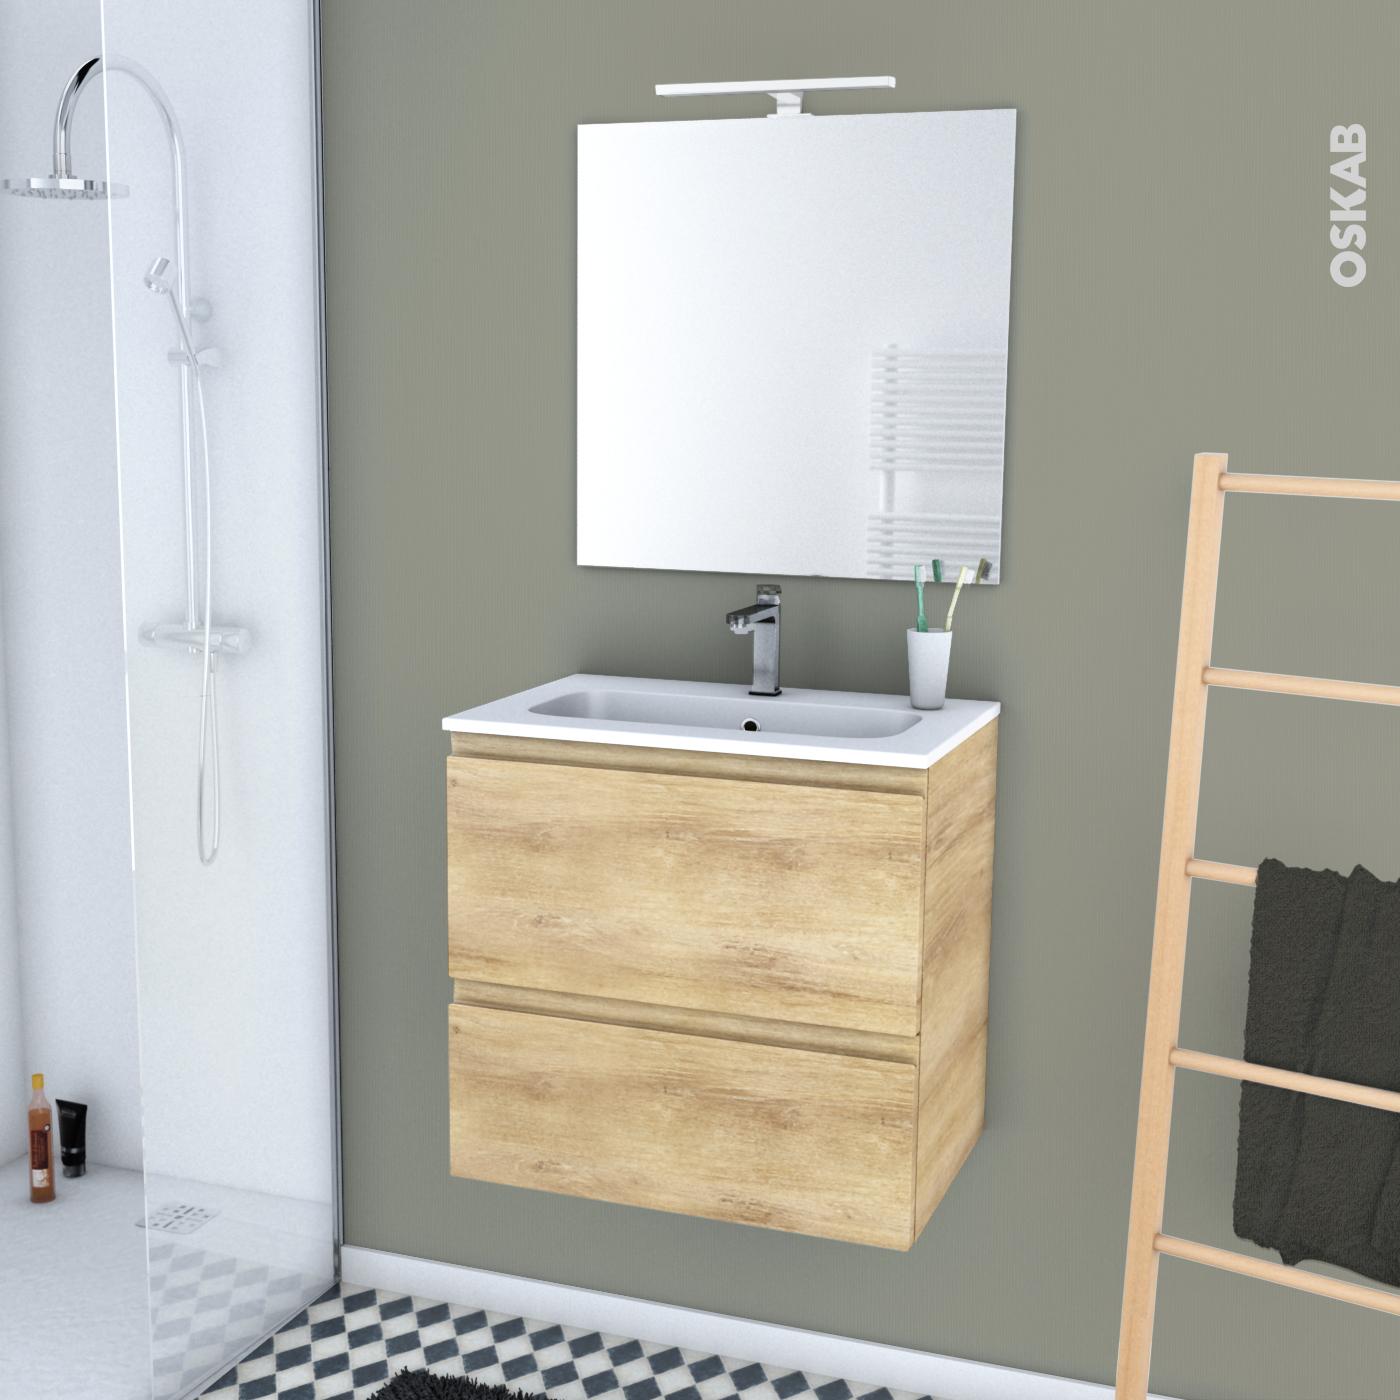 meuble vasque salle de bain 60 cm 46155 salle de bain id es